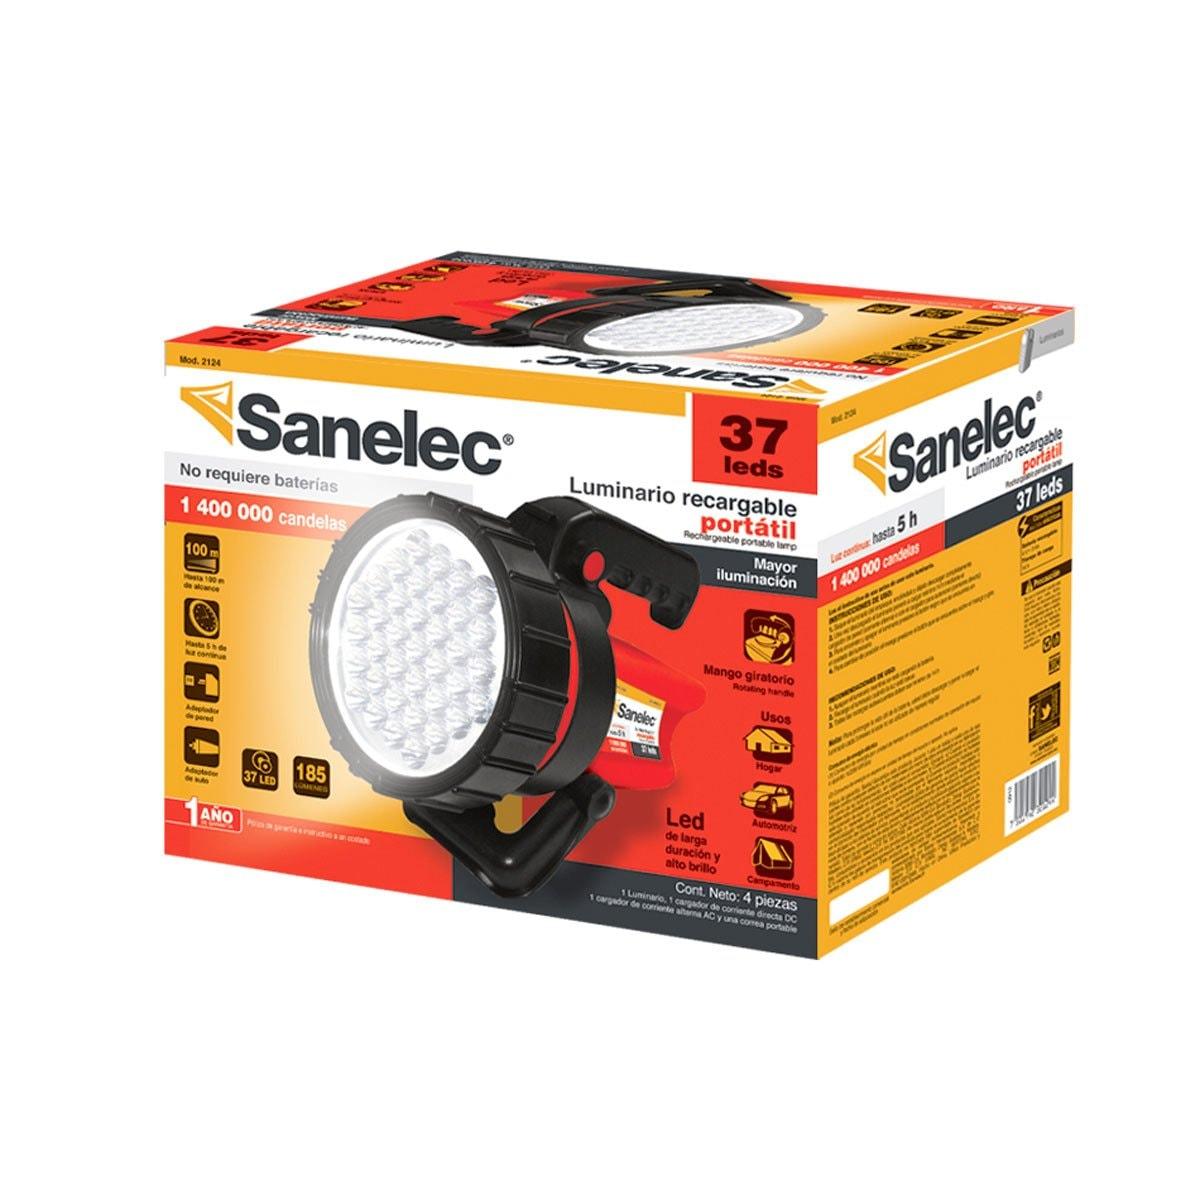 Sanelec 2124 Linterna Reflectora 37 Leds